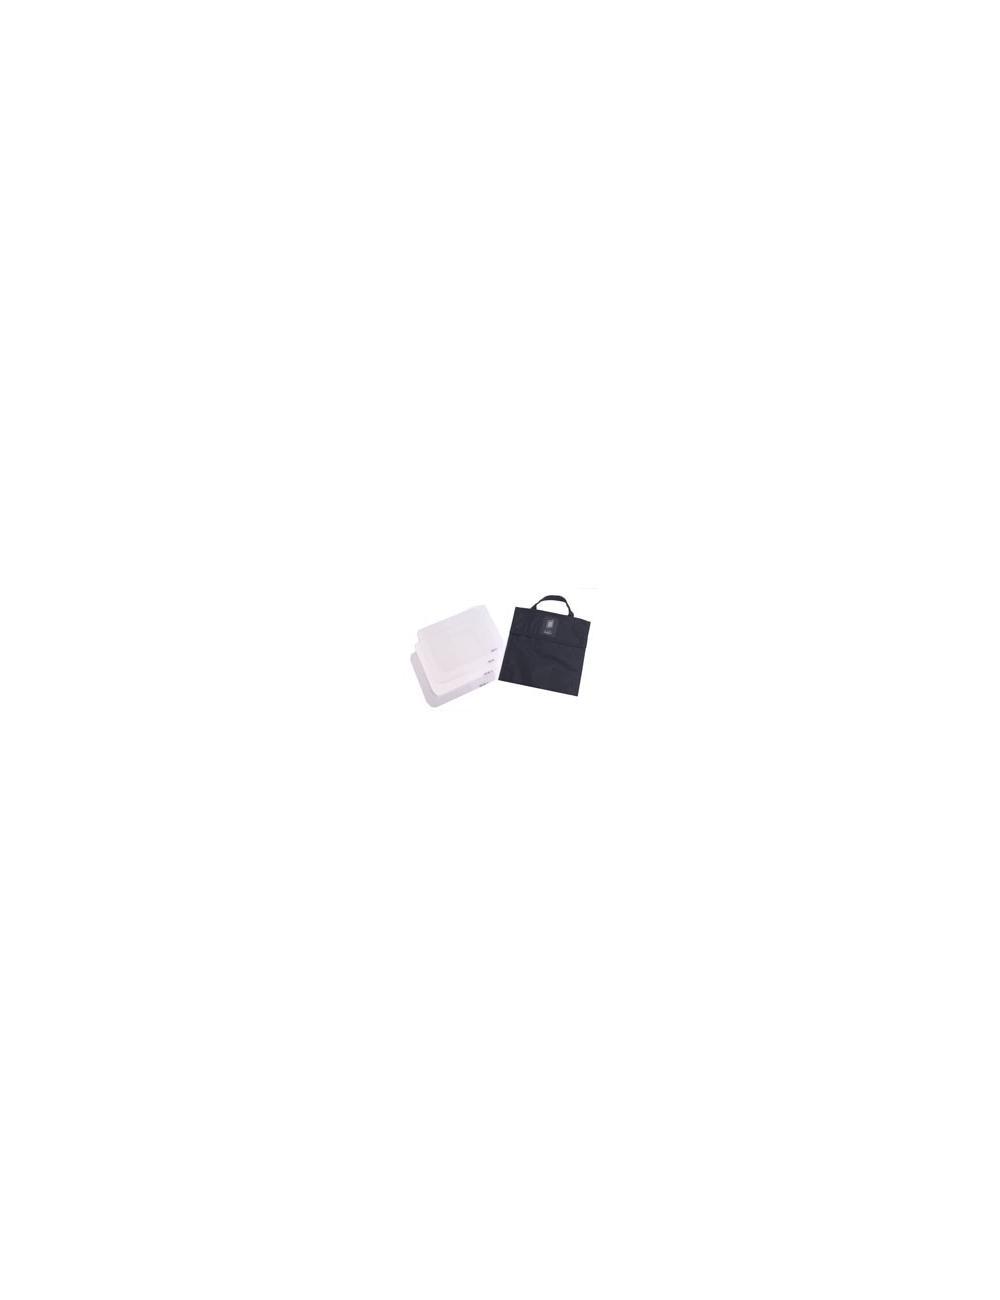 Litepanels - Lentes Nanopticas - Astra